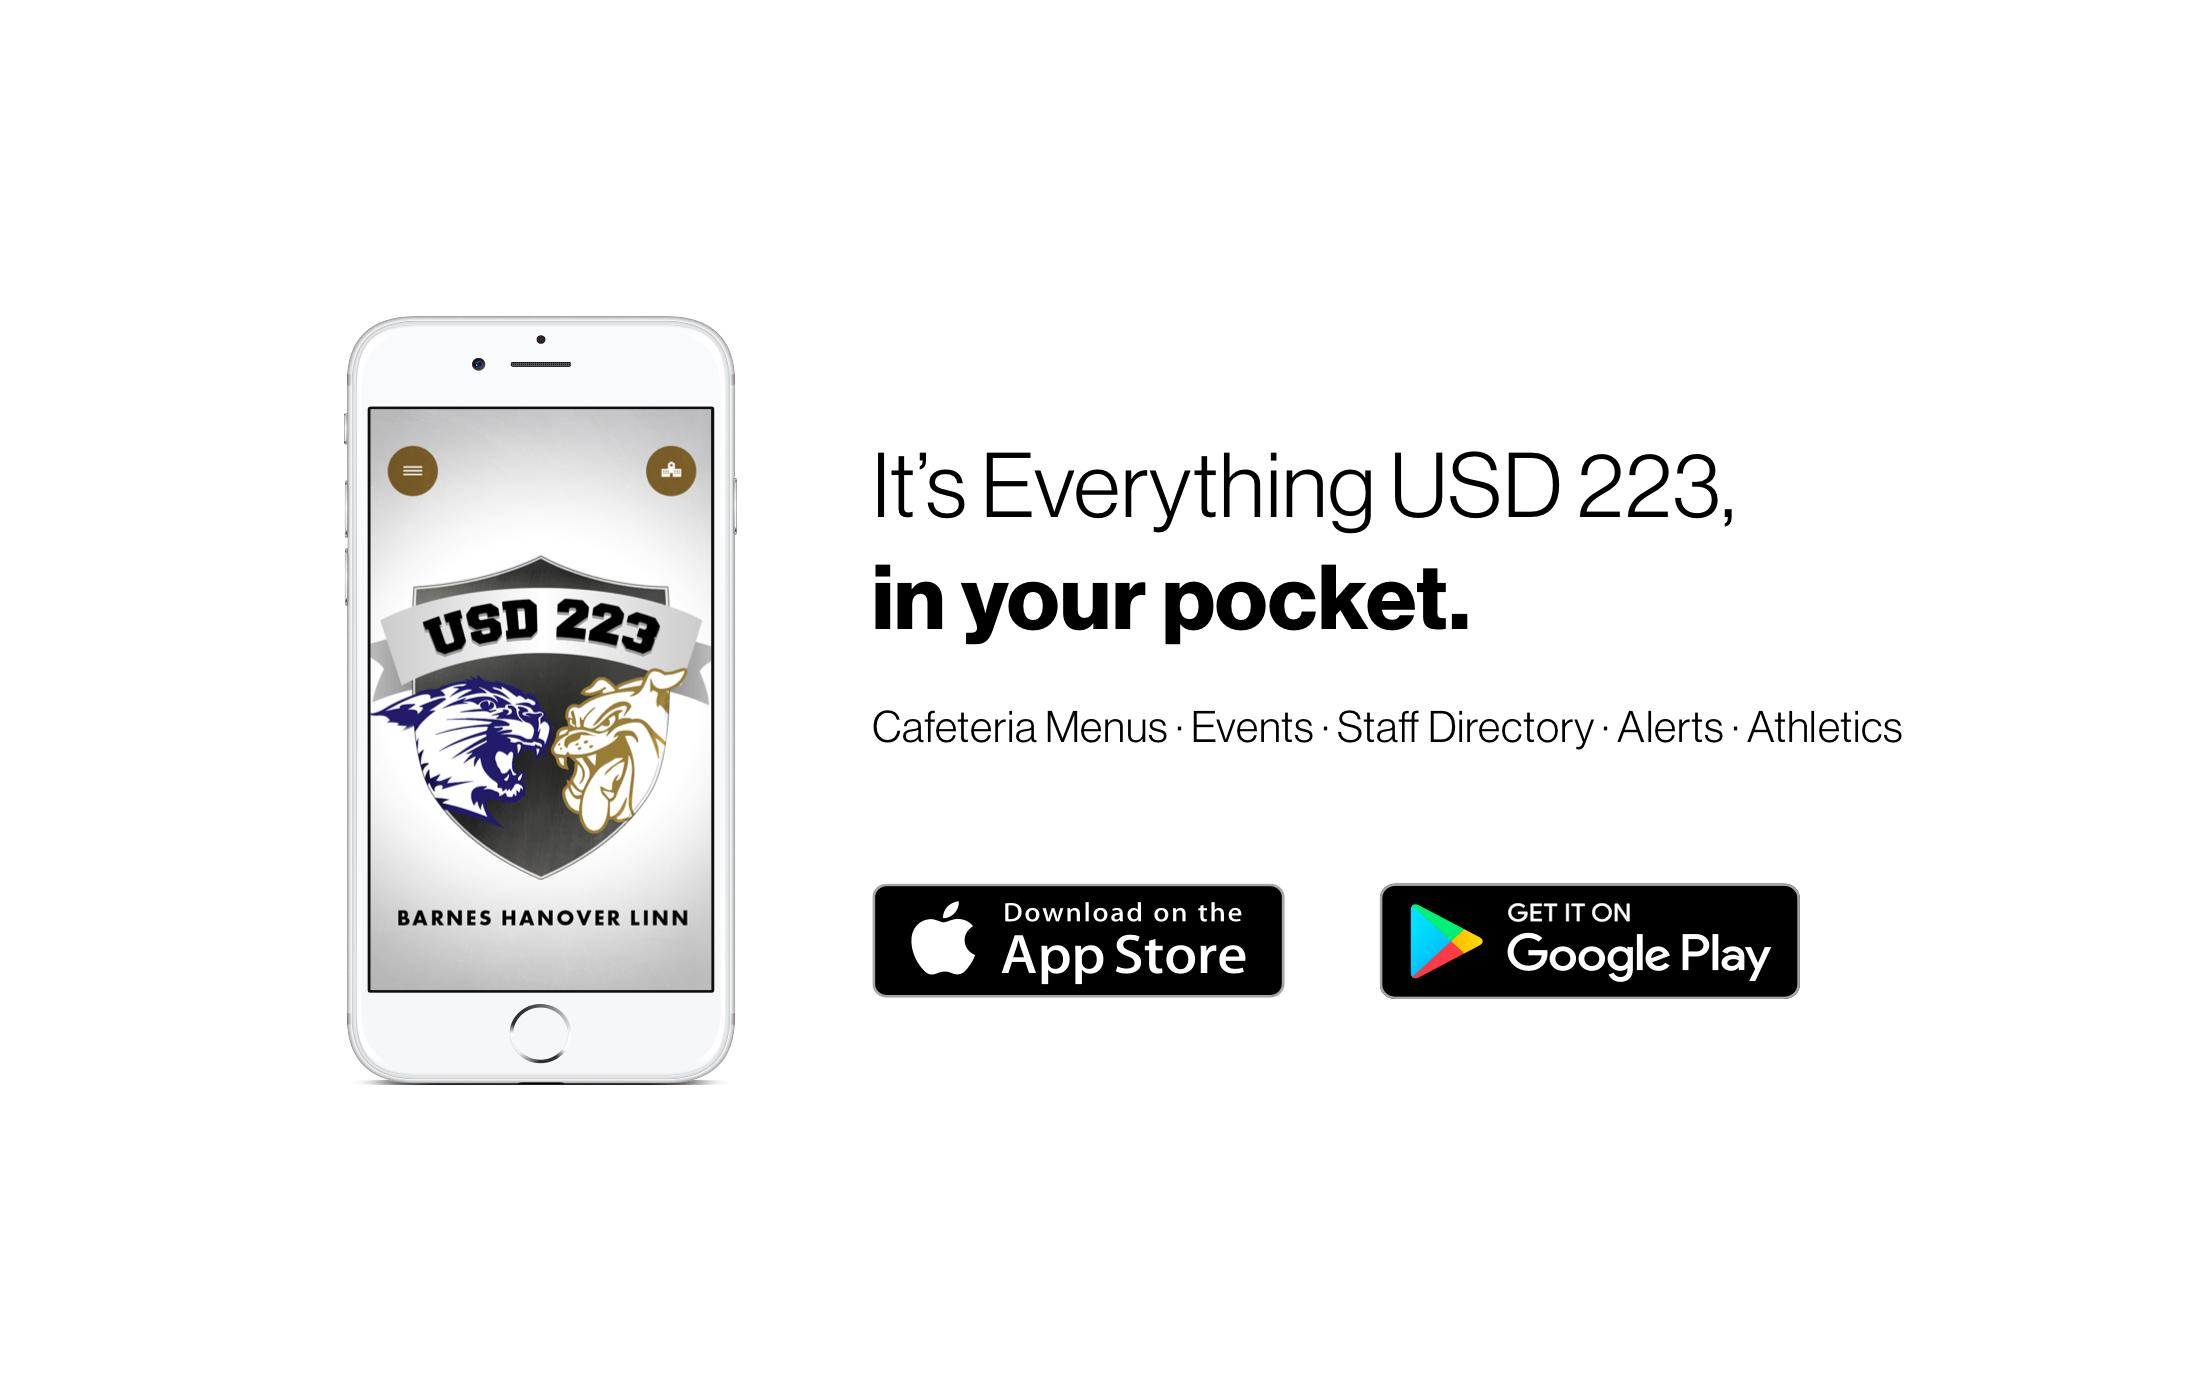 Marketing Material App